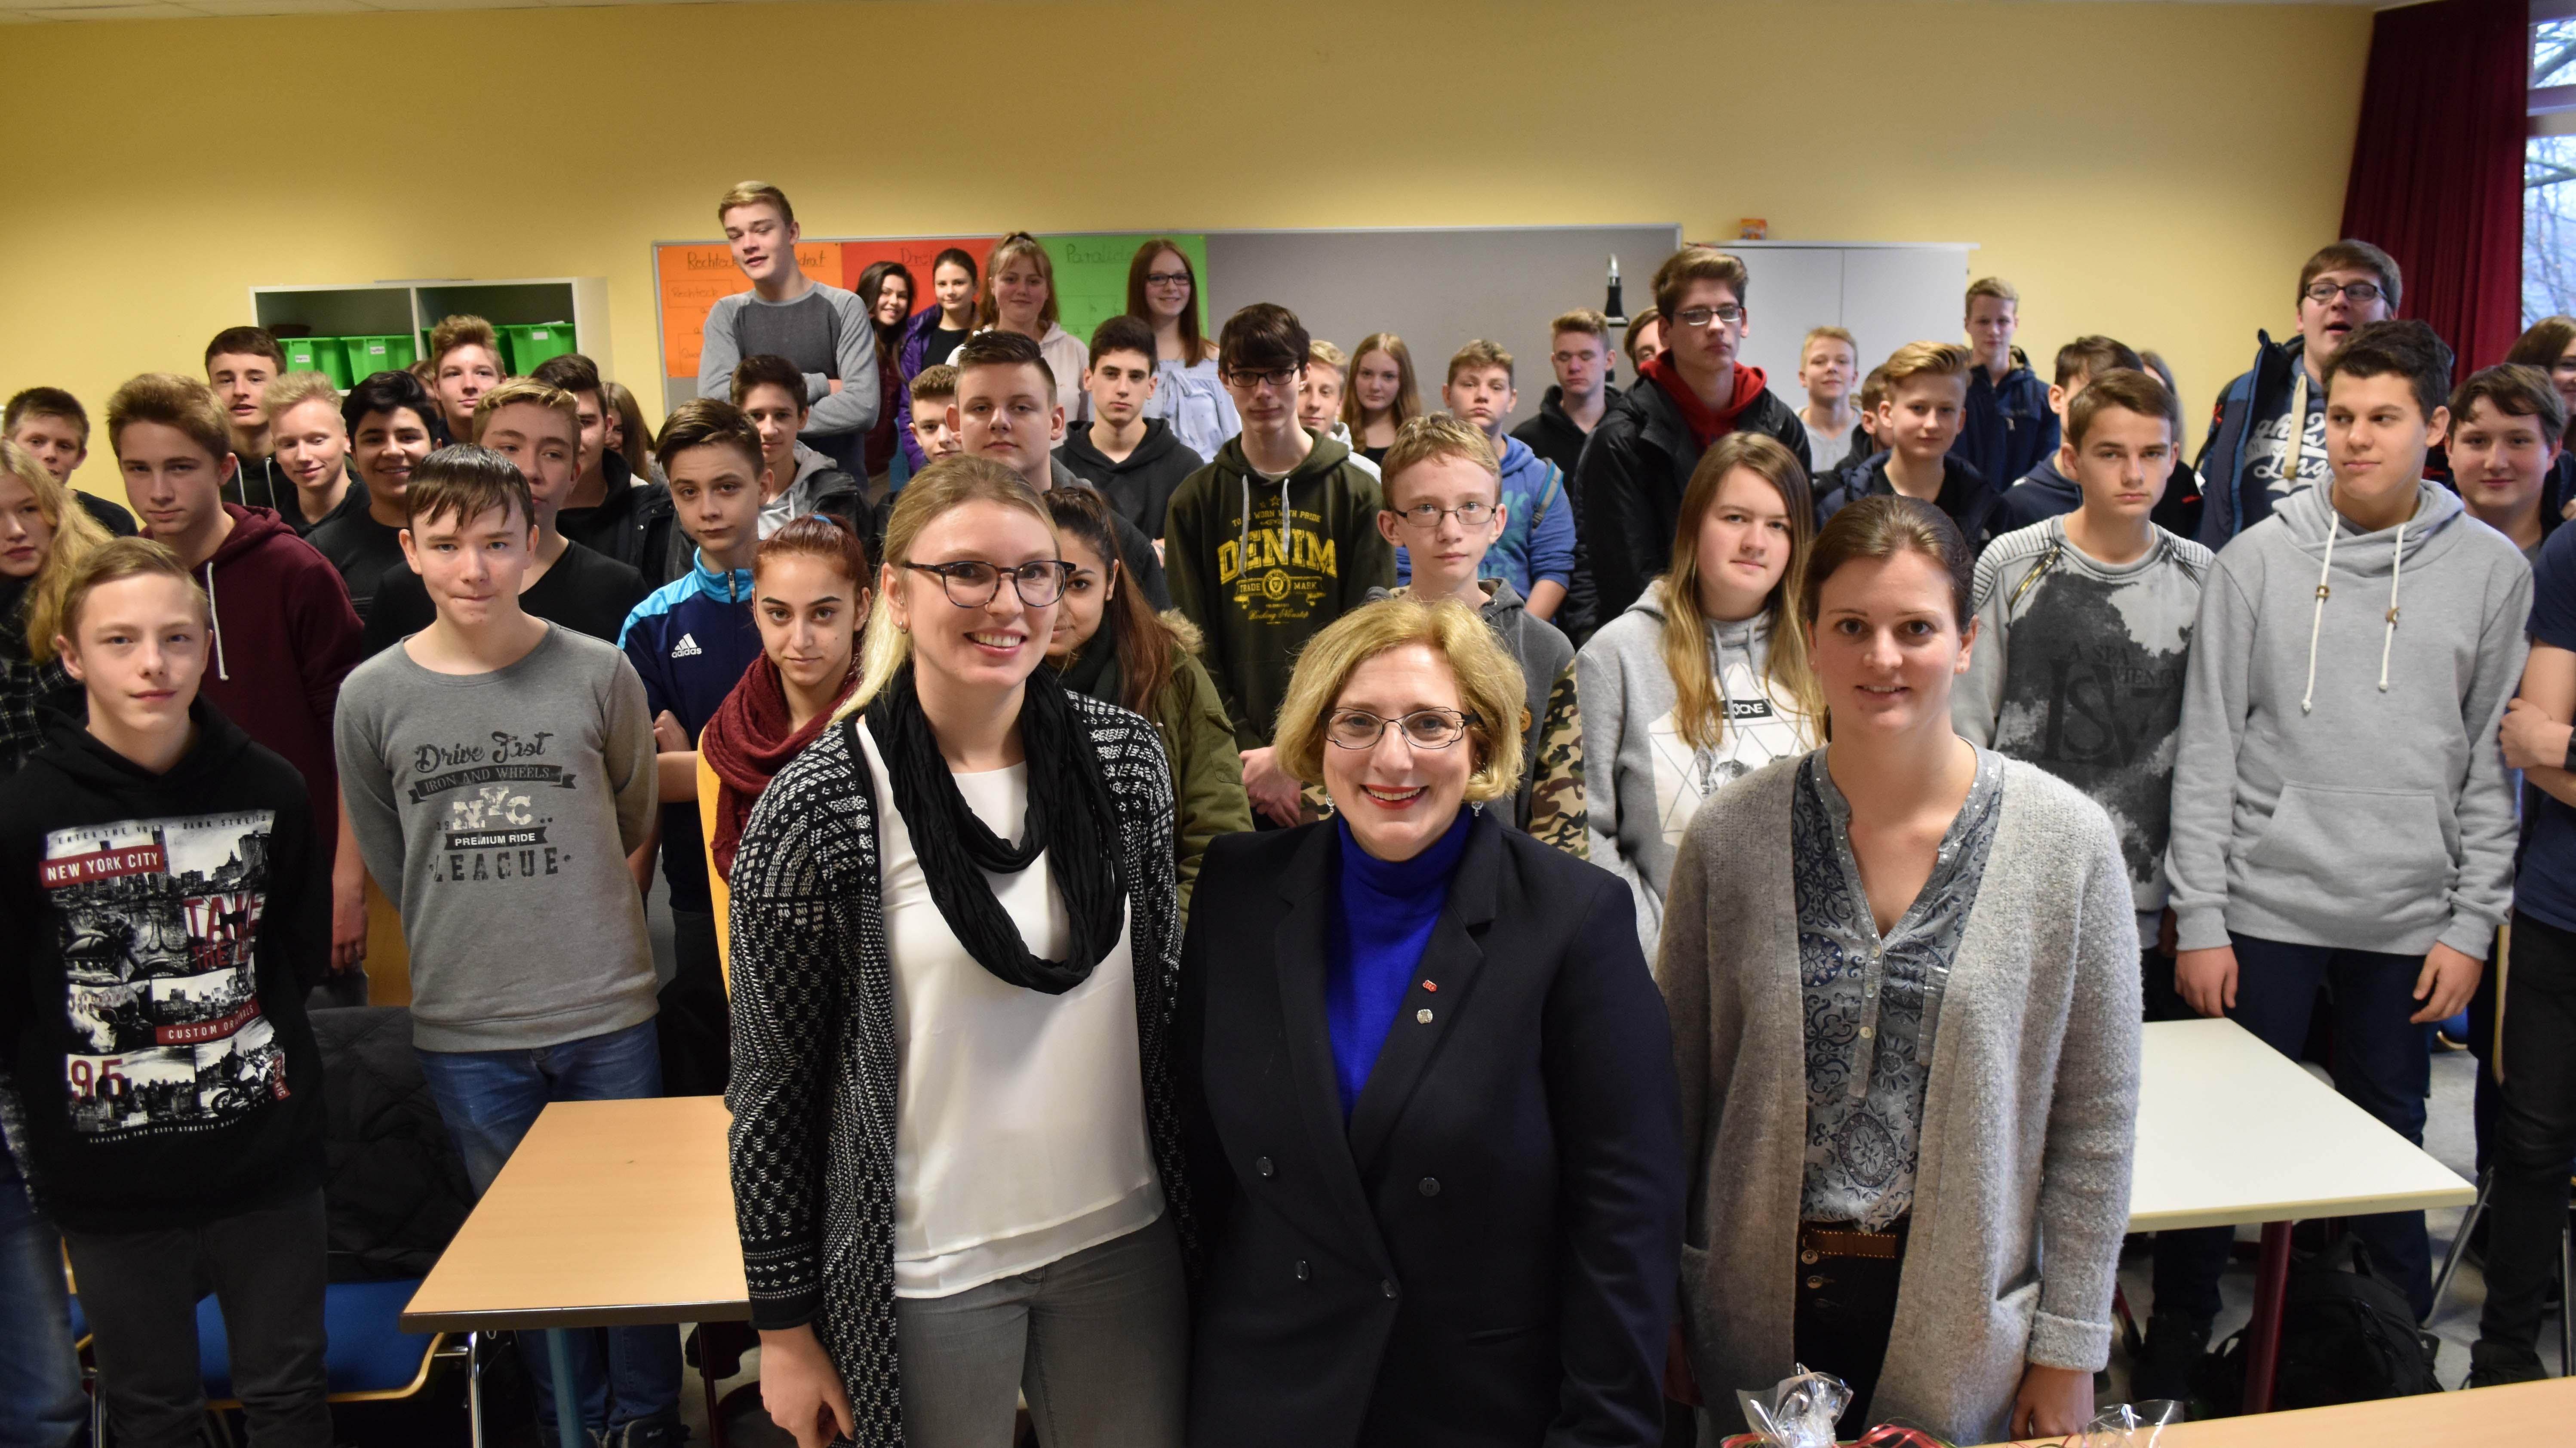 Dr. Daniela De Ridder zu Besuch in der Kardinal-von-Galen-Oberschule in Meppen